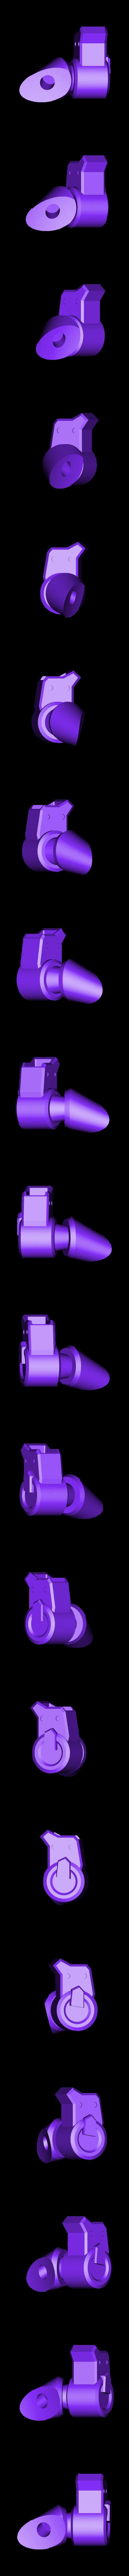 Thigh-LeftBack.stl Download STL file Hammond's Wrecking Ball Mech from Overwatch • 3D printer template, FunbieStudios